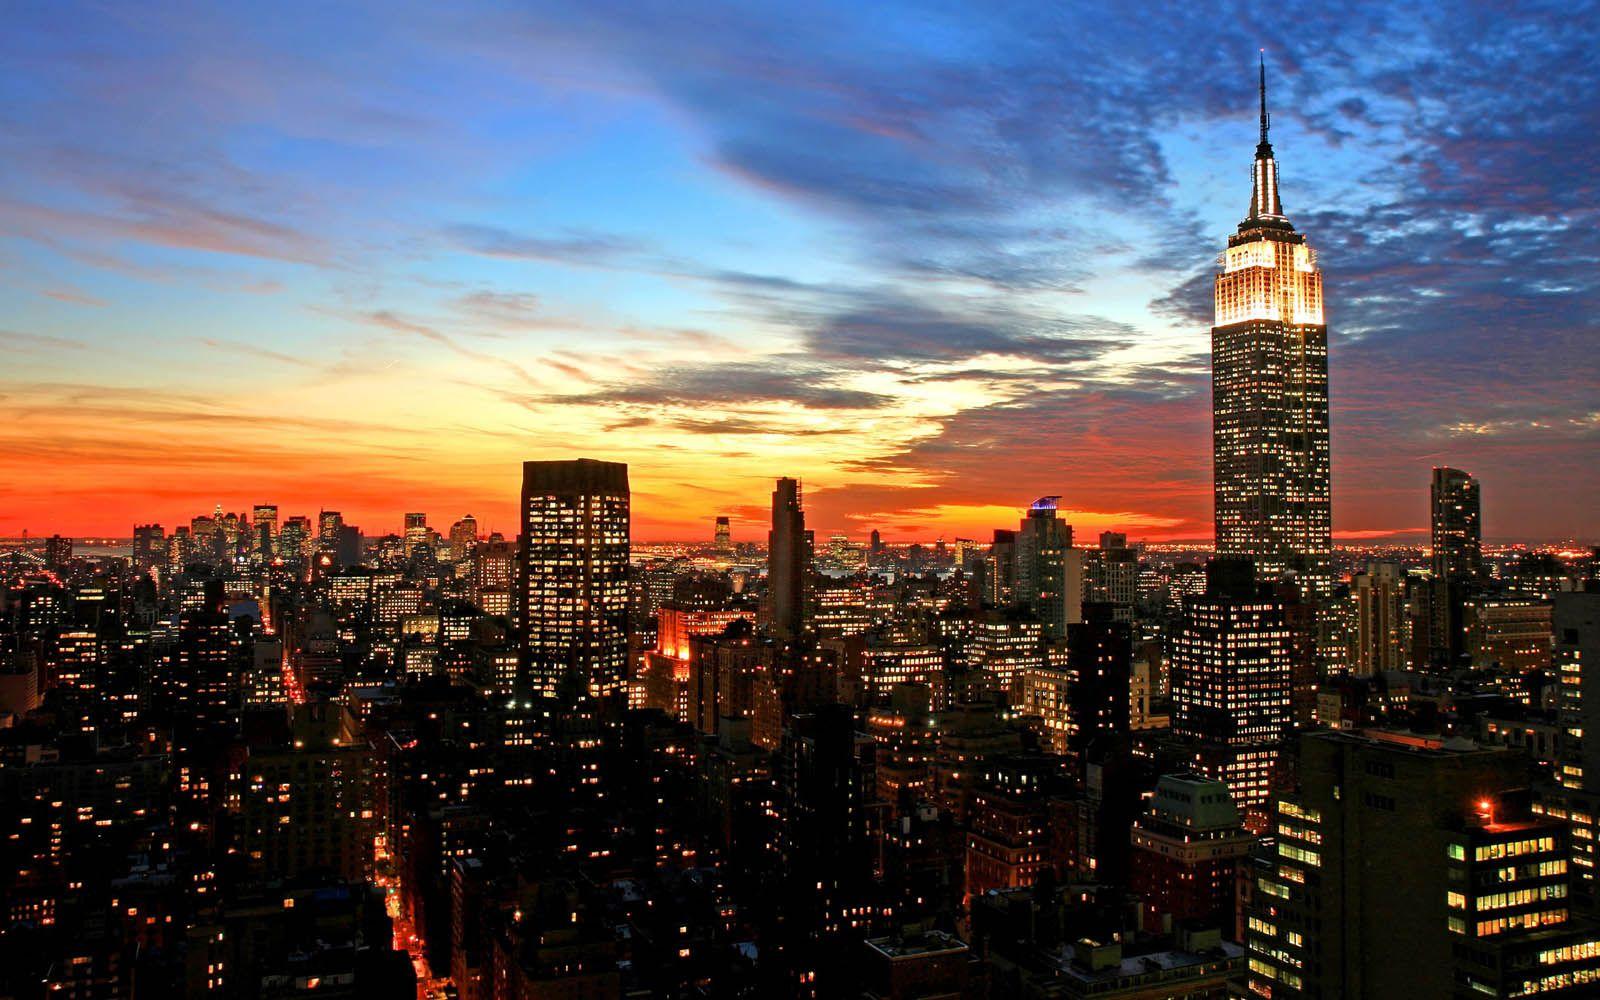 Epingle Par Johann Gognetti Sur Night City Fond D Ecran New York Photographie De Nuit Papier Peint Coucher De Soleil